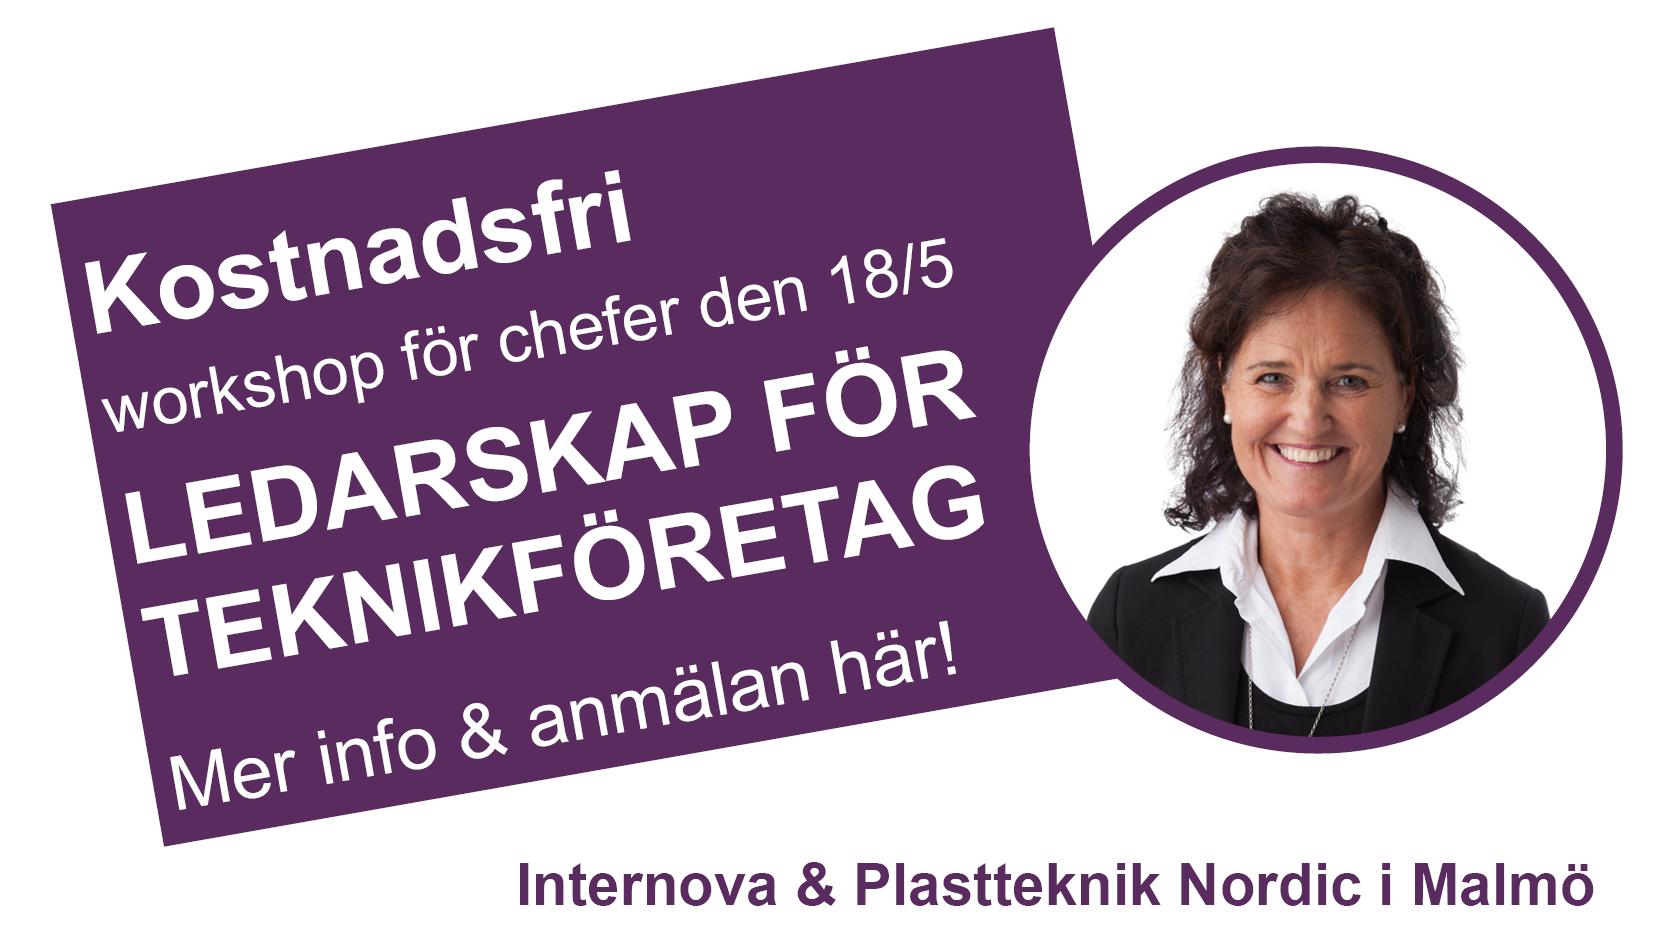 Workshop LEDARSKAP FÖR TEKNIKFÖRETAG